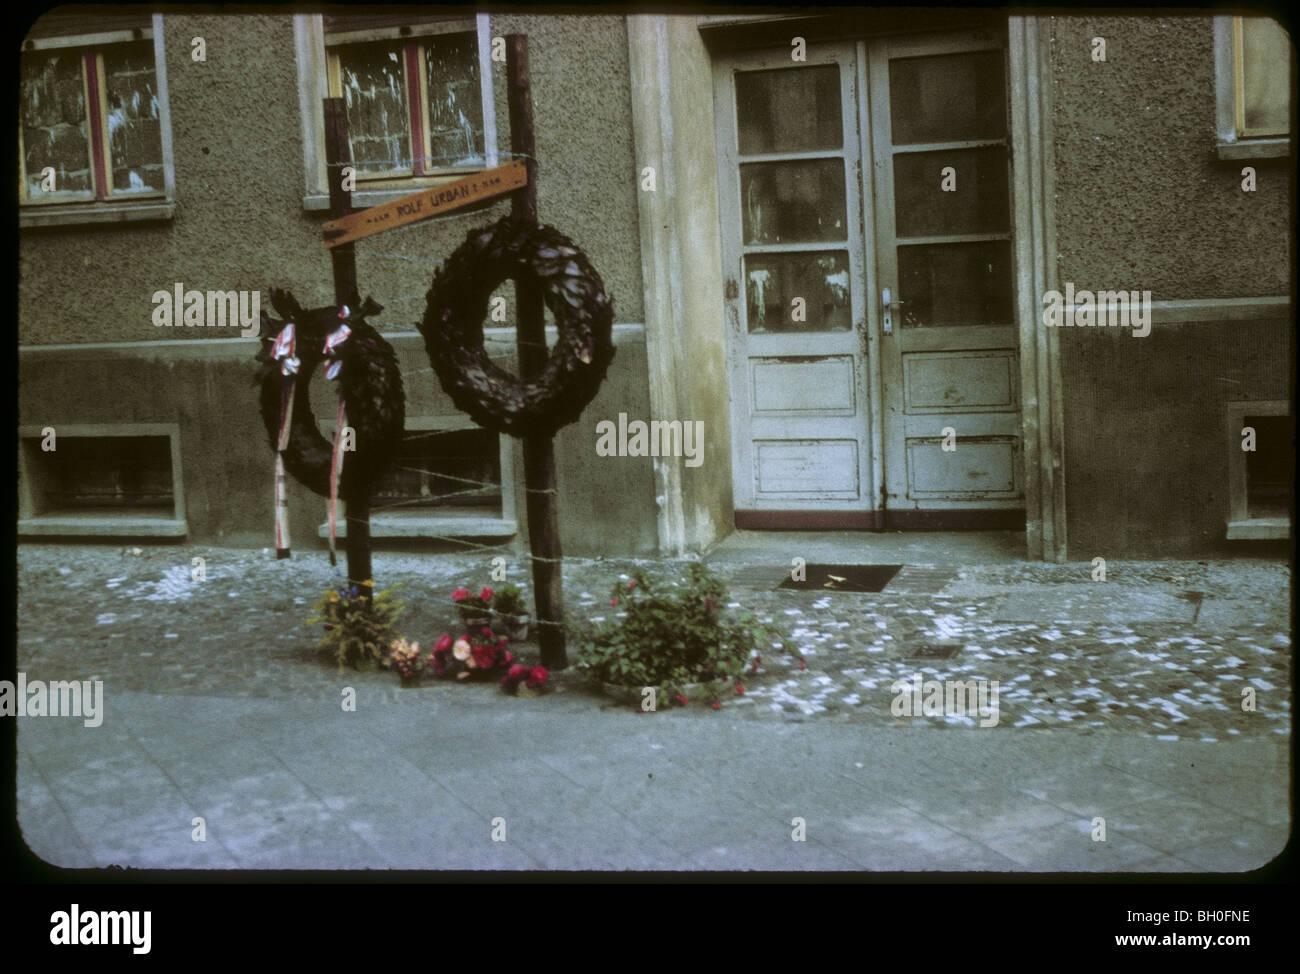 Corona memorial. Berlín, junto al Muro de Berlín, visto desde Alemania Occidental durante la década Imagen De Stock